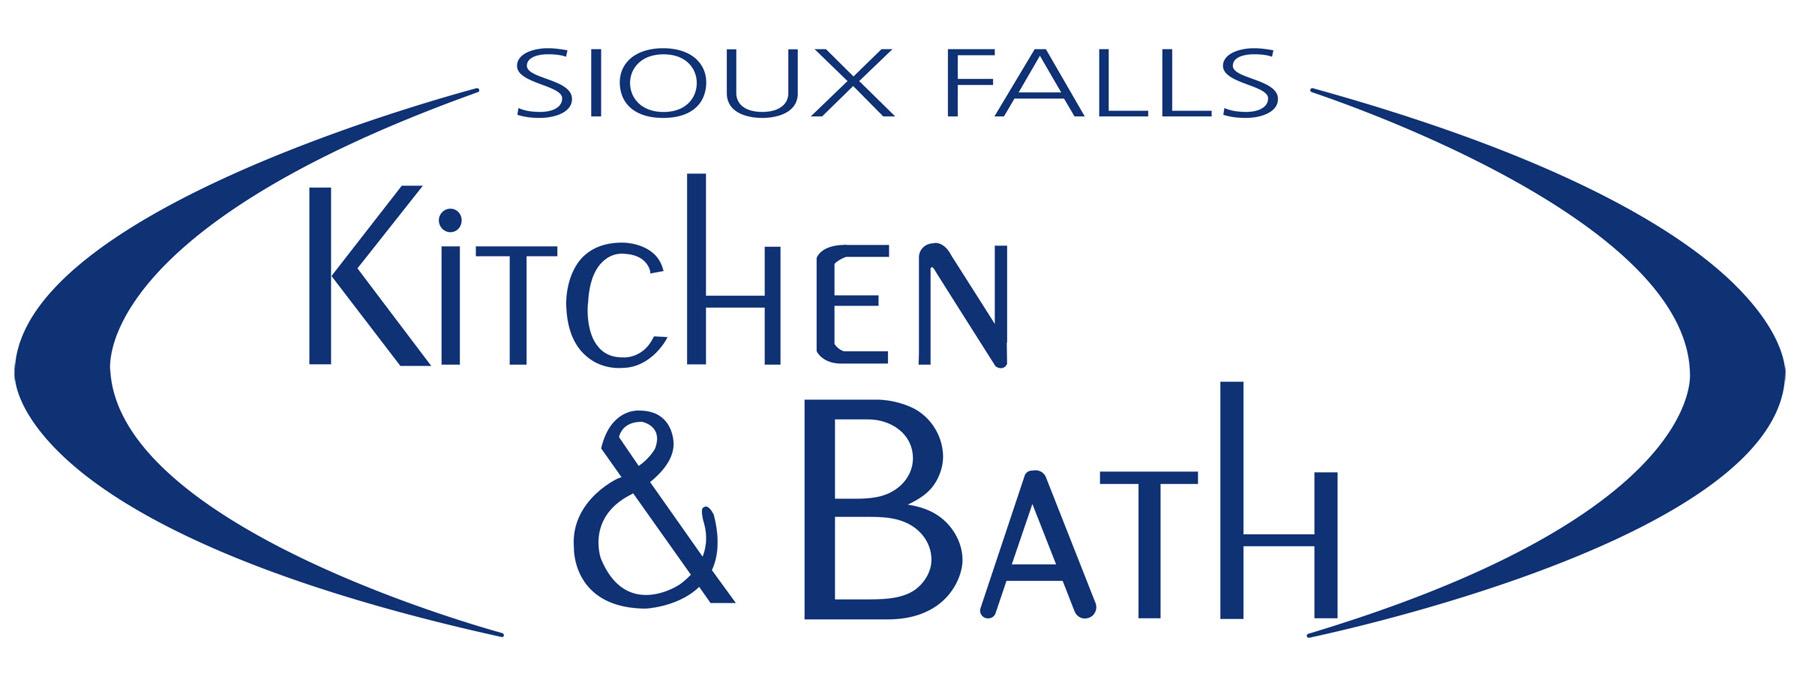 SF Kitchen & bath